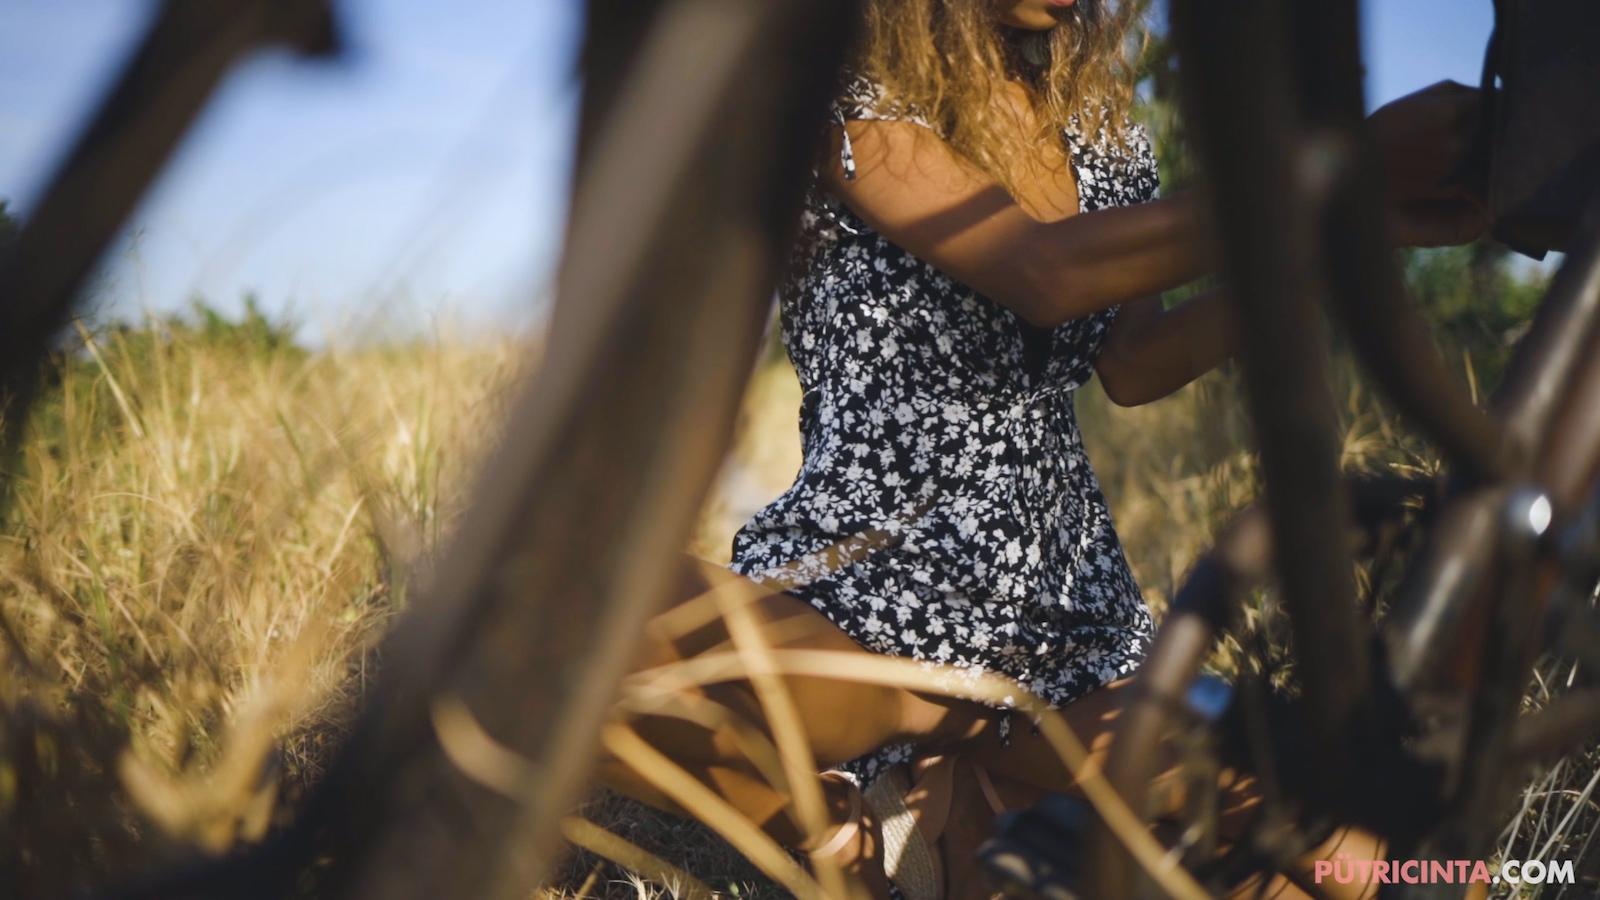 024-cyclingcommando-Putri-Cinta-Mainvid-stills-17.jpg